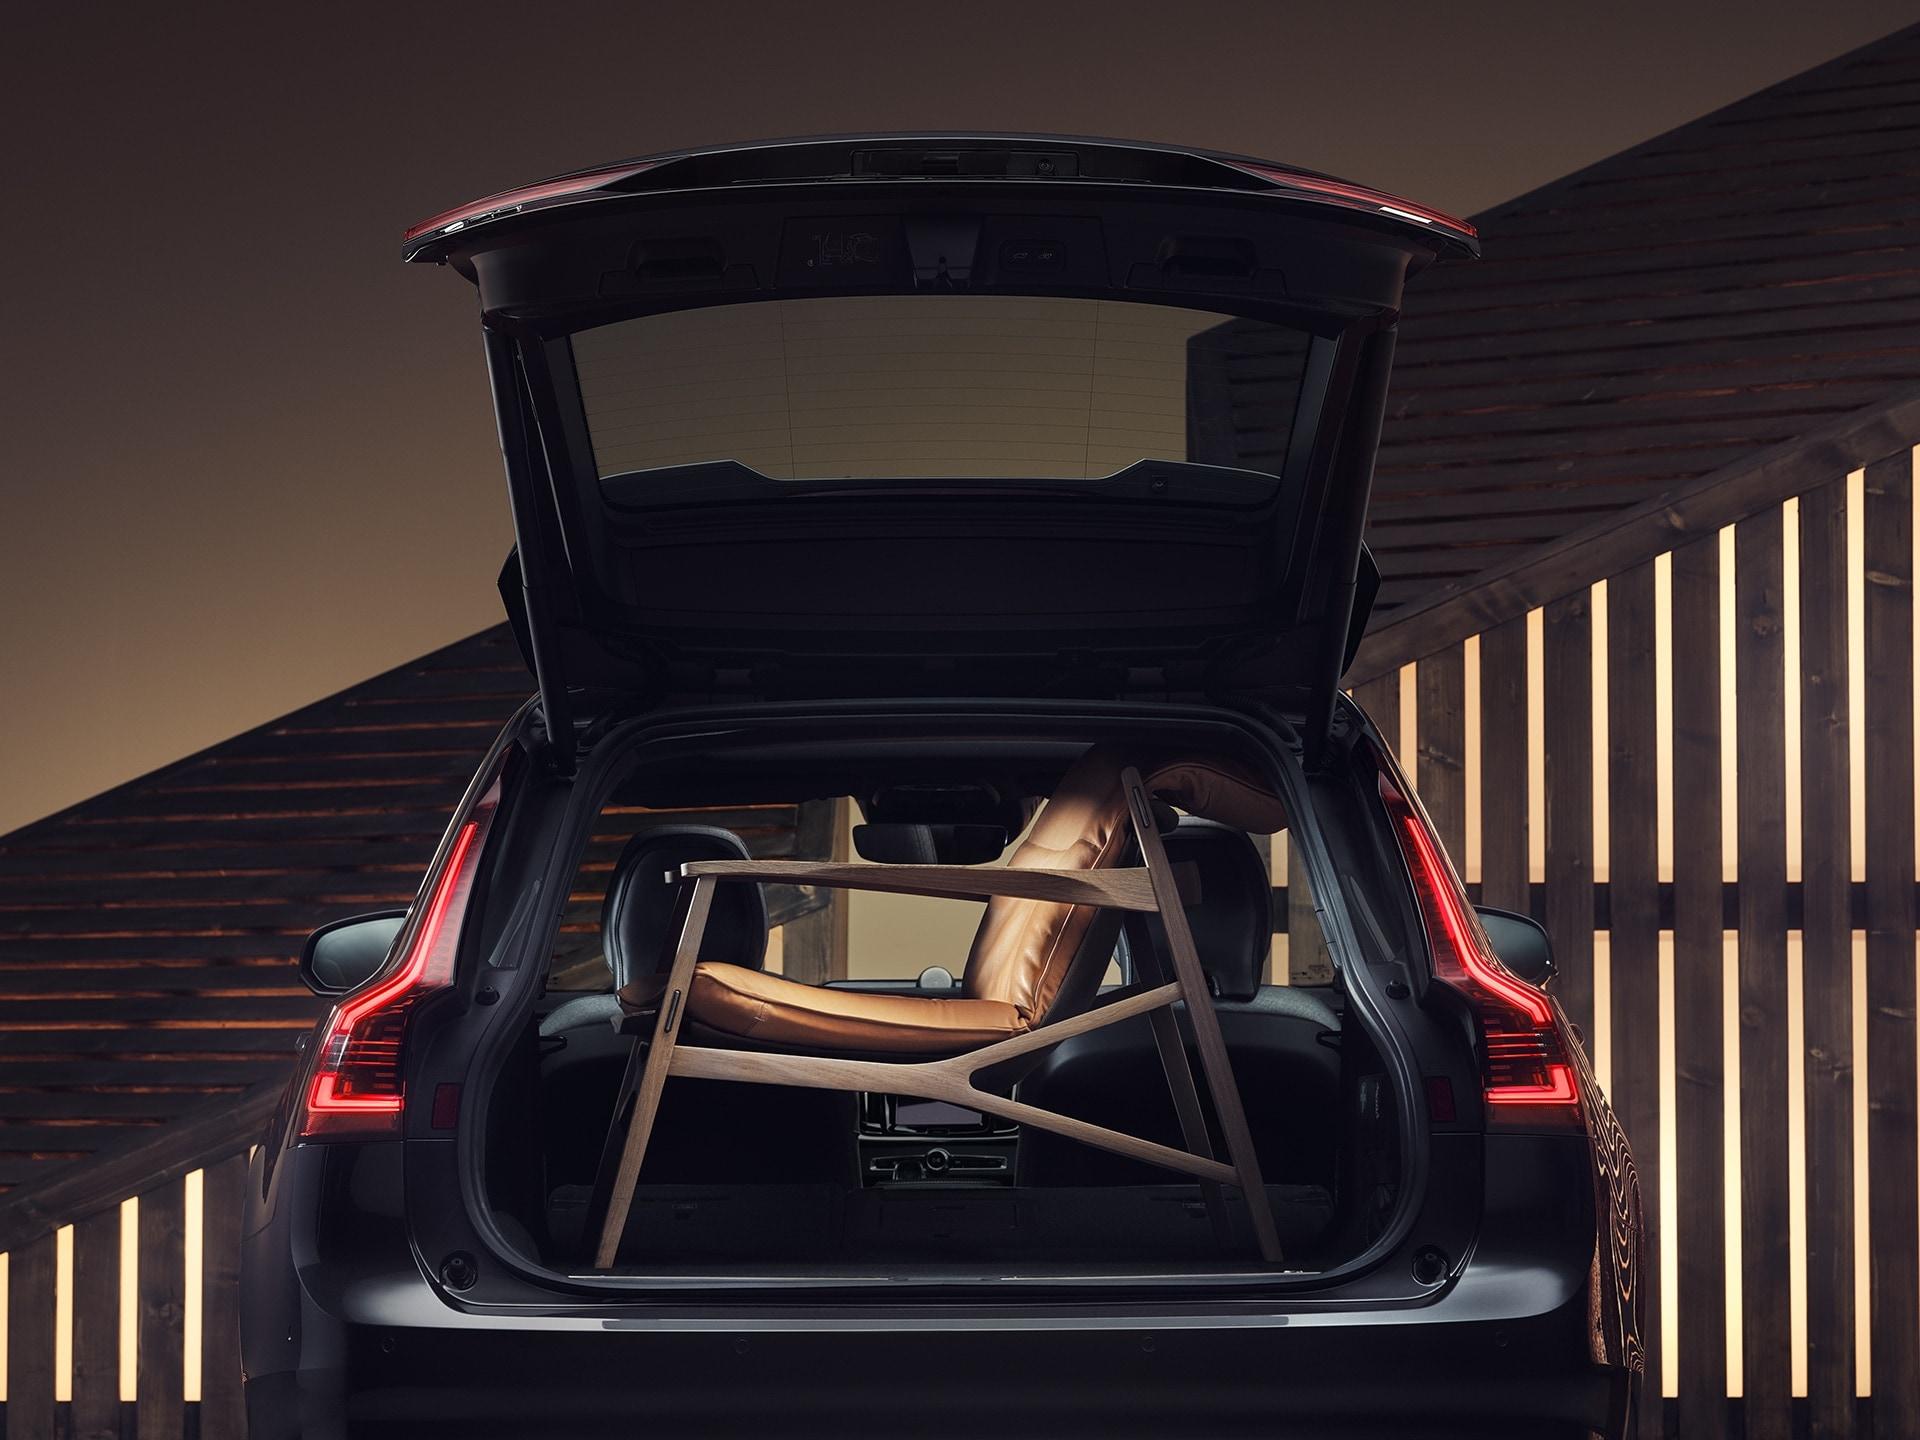 Il portabagagli di una Volvo V90, con un'elegante poltrona marrone dentro